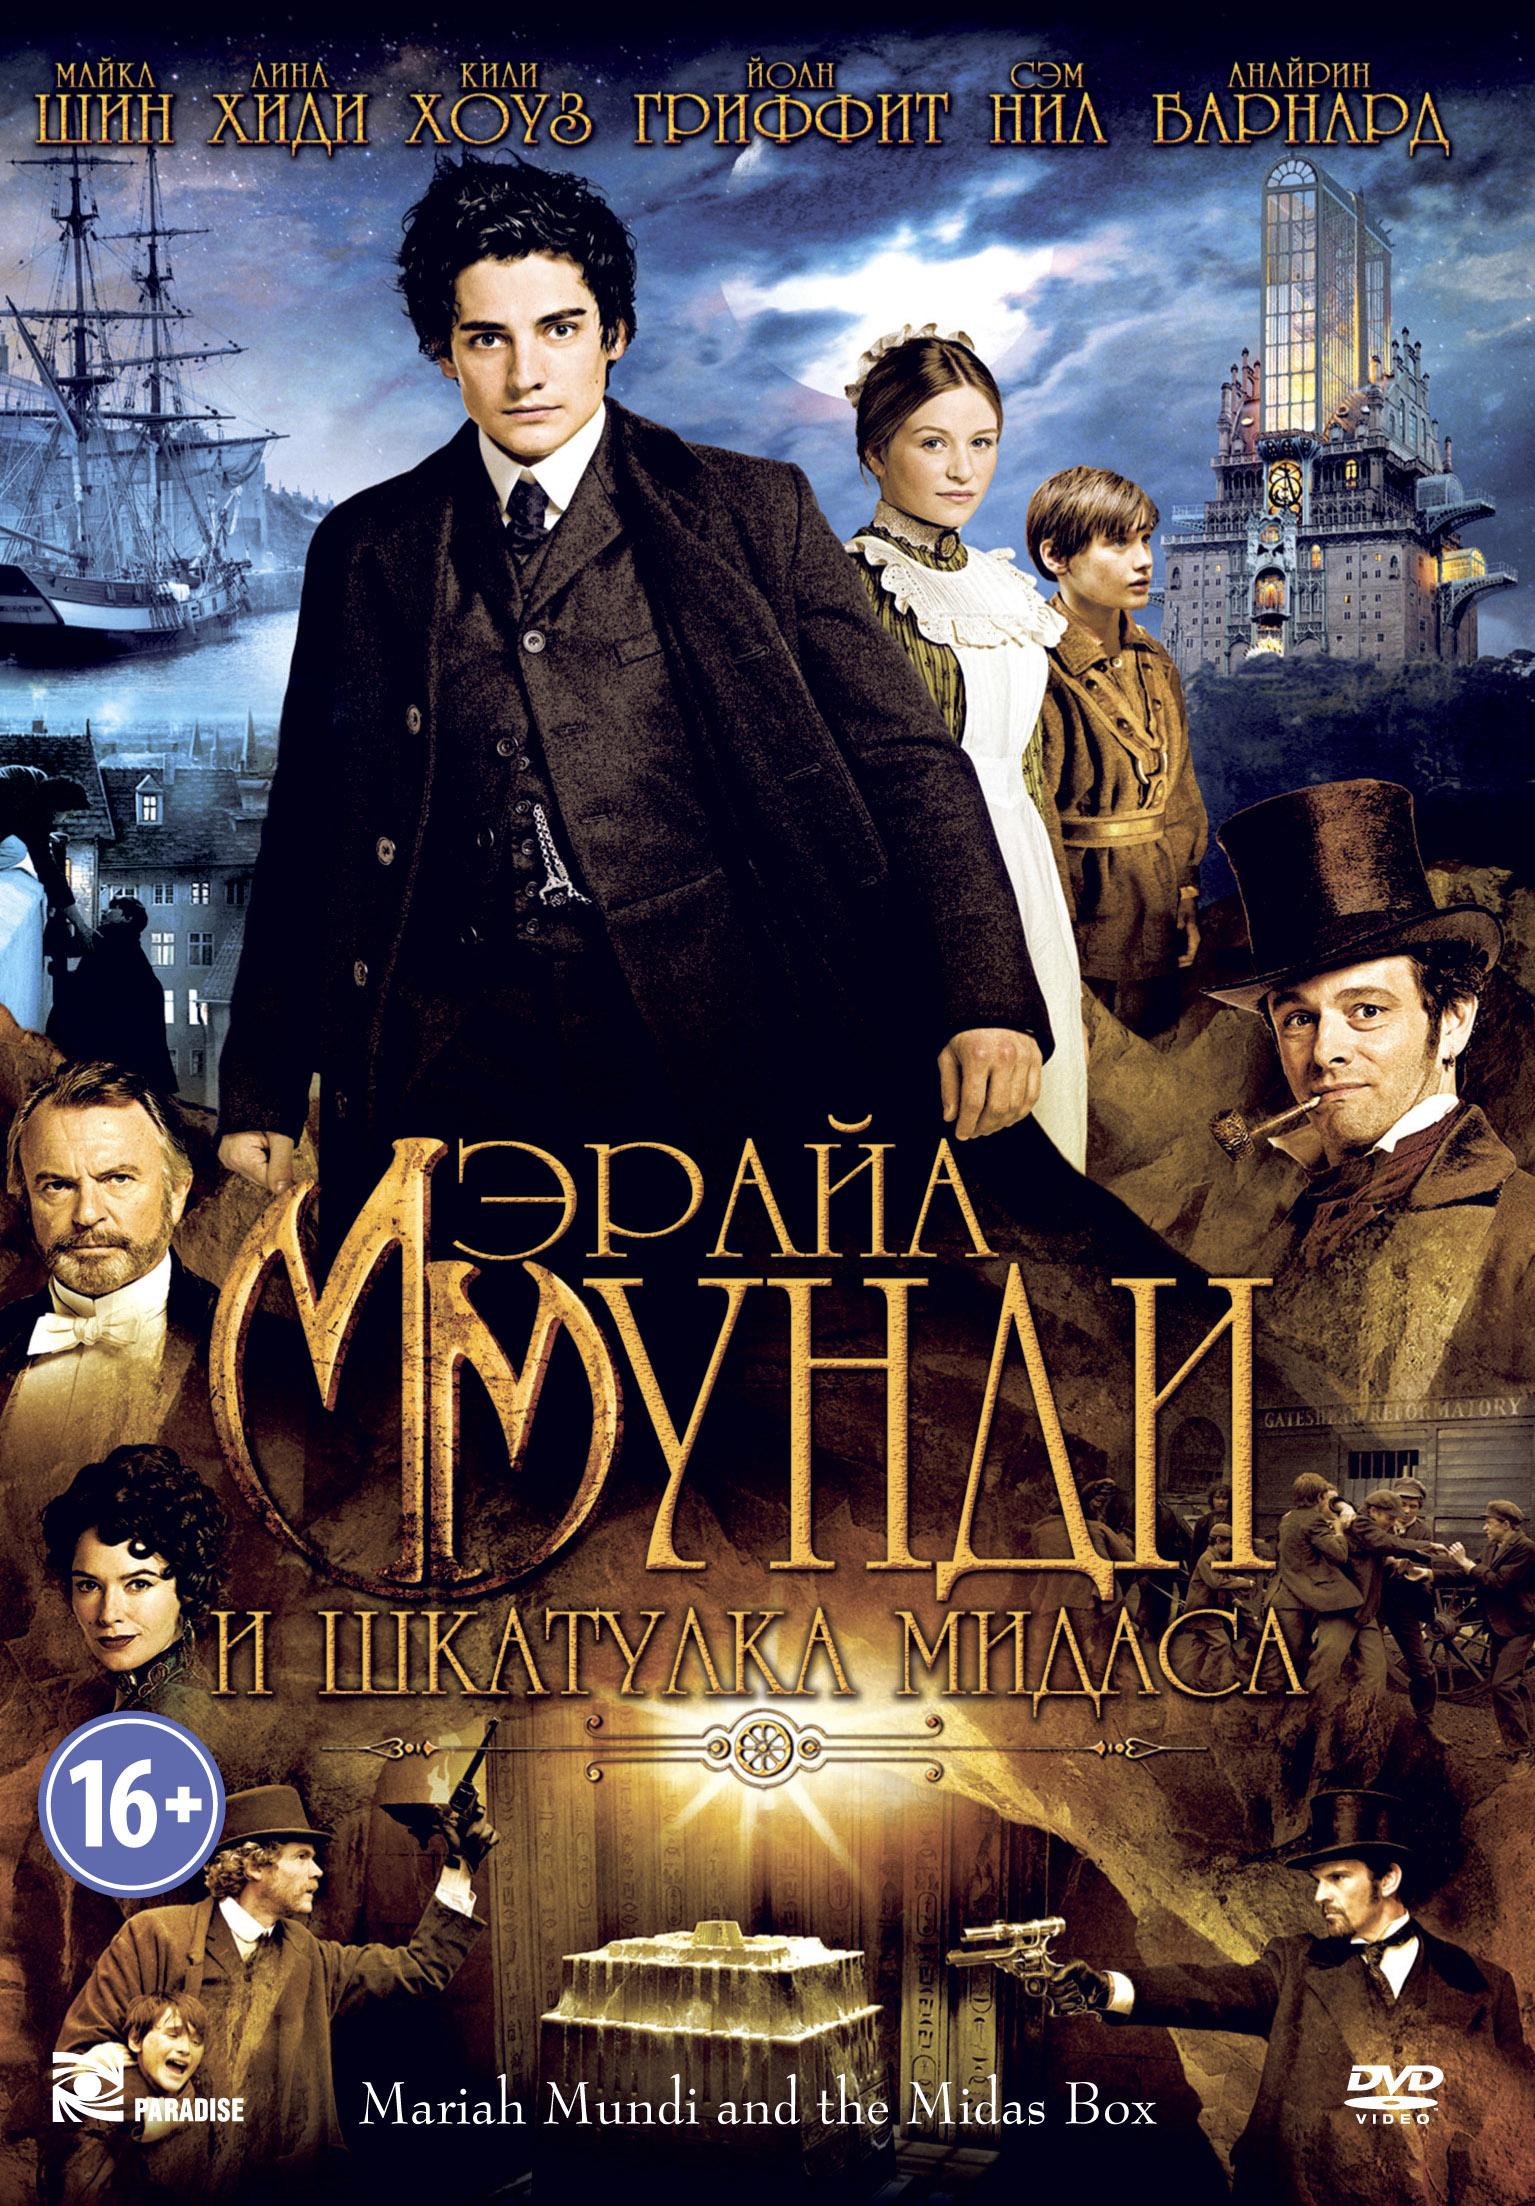 плакат фильма DVD локализованные Мэрайа Мунди и шкатулка Мидаса